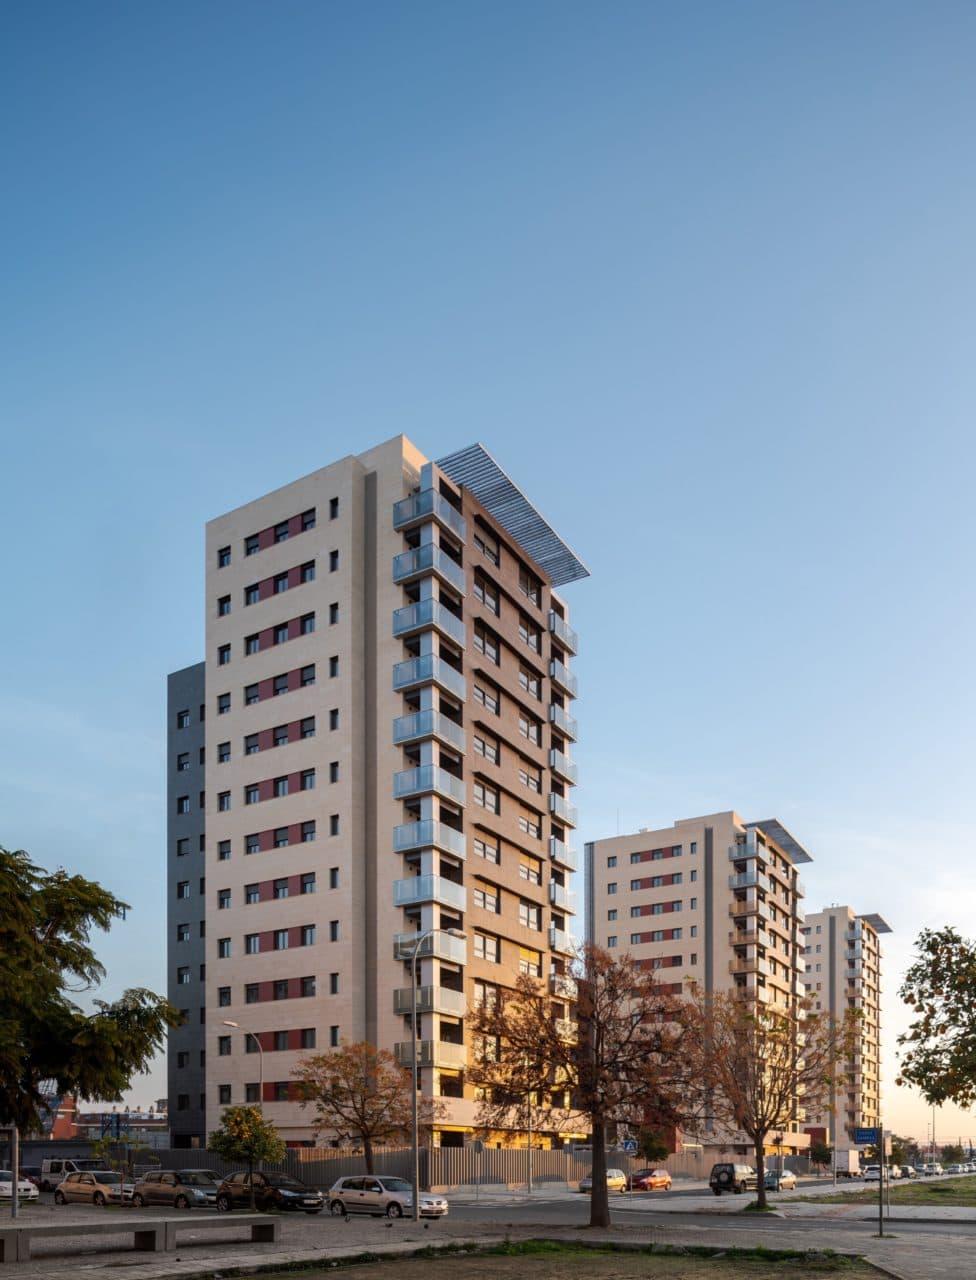 Vista panorámica de las tres torres de Residencial Pineda Parque